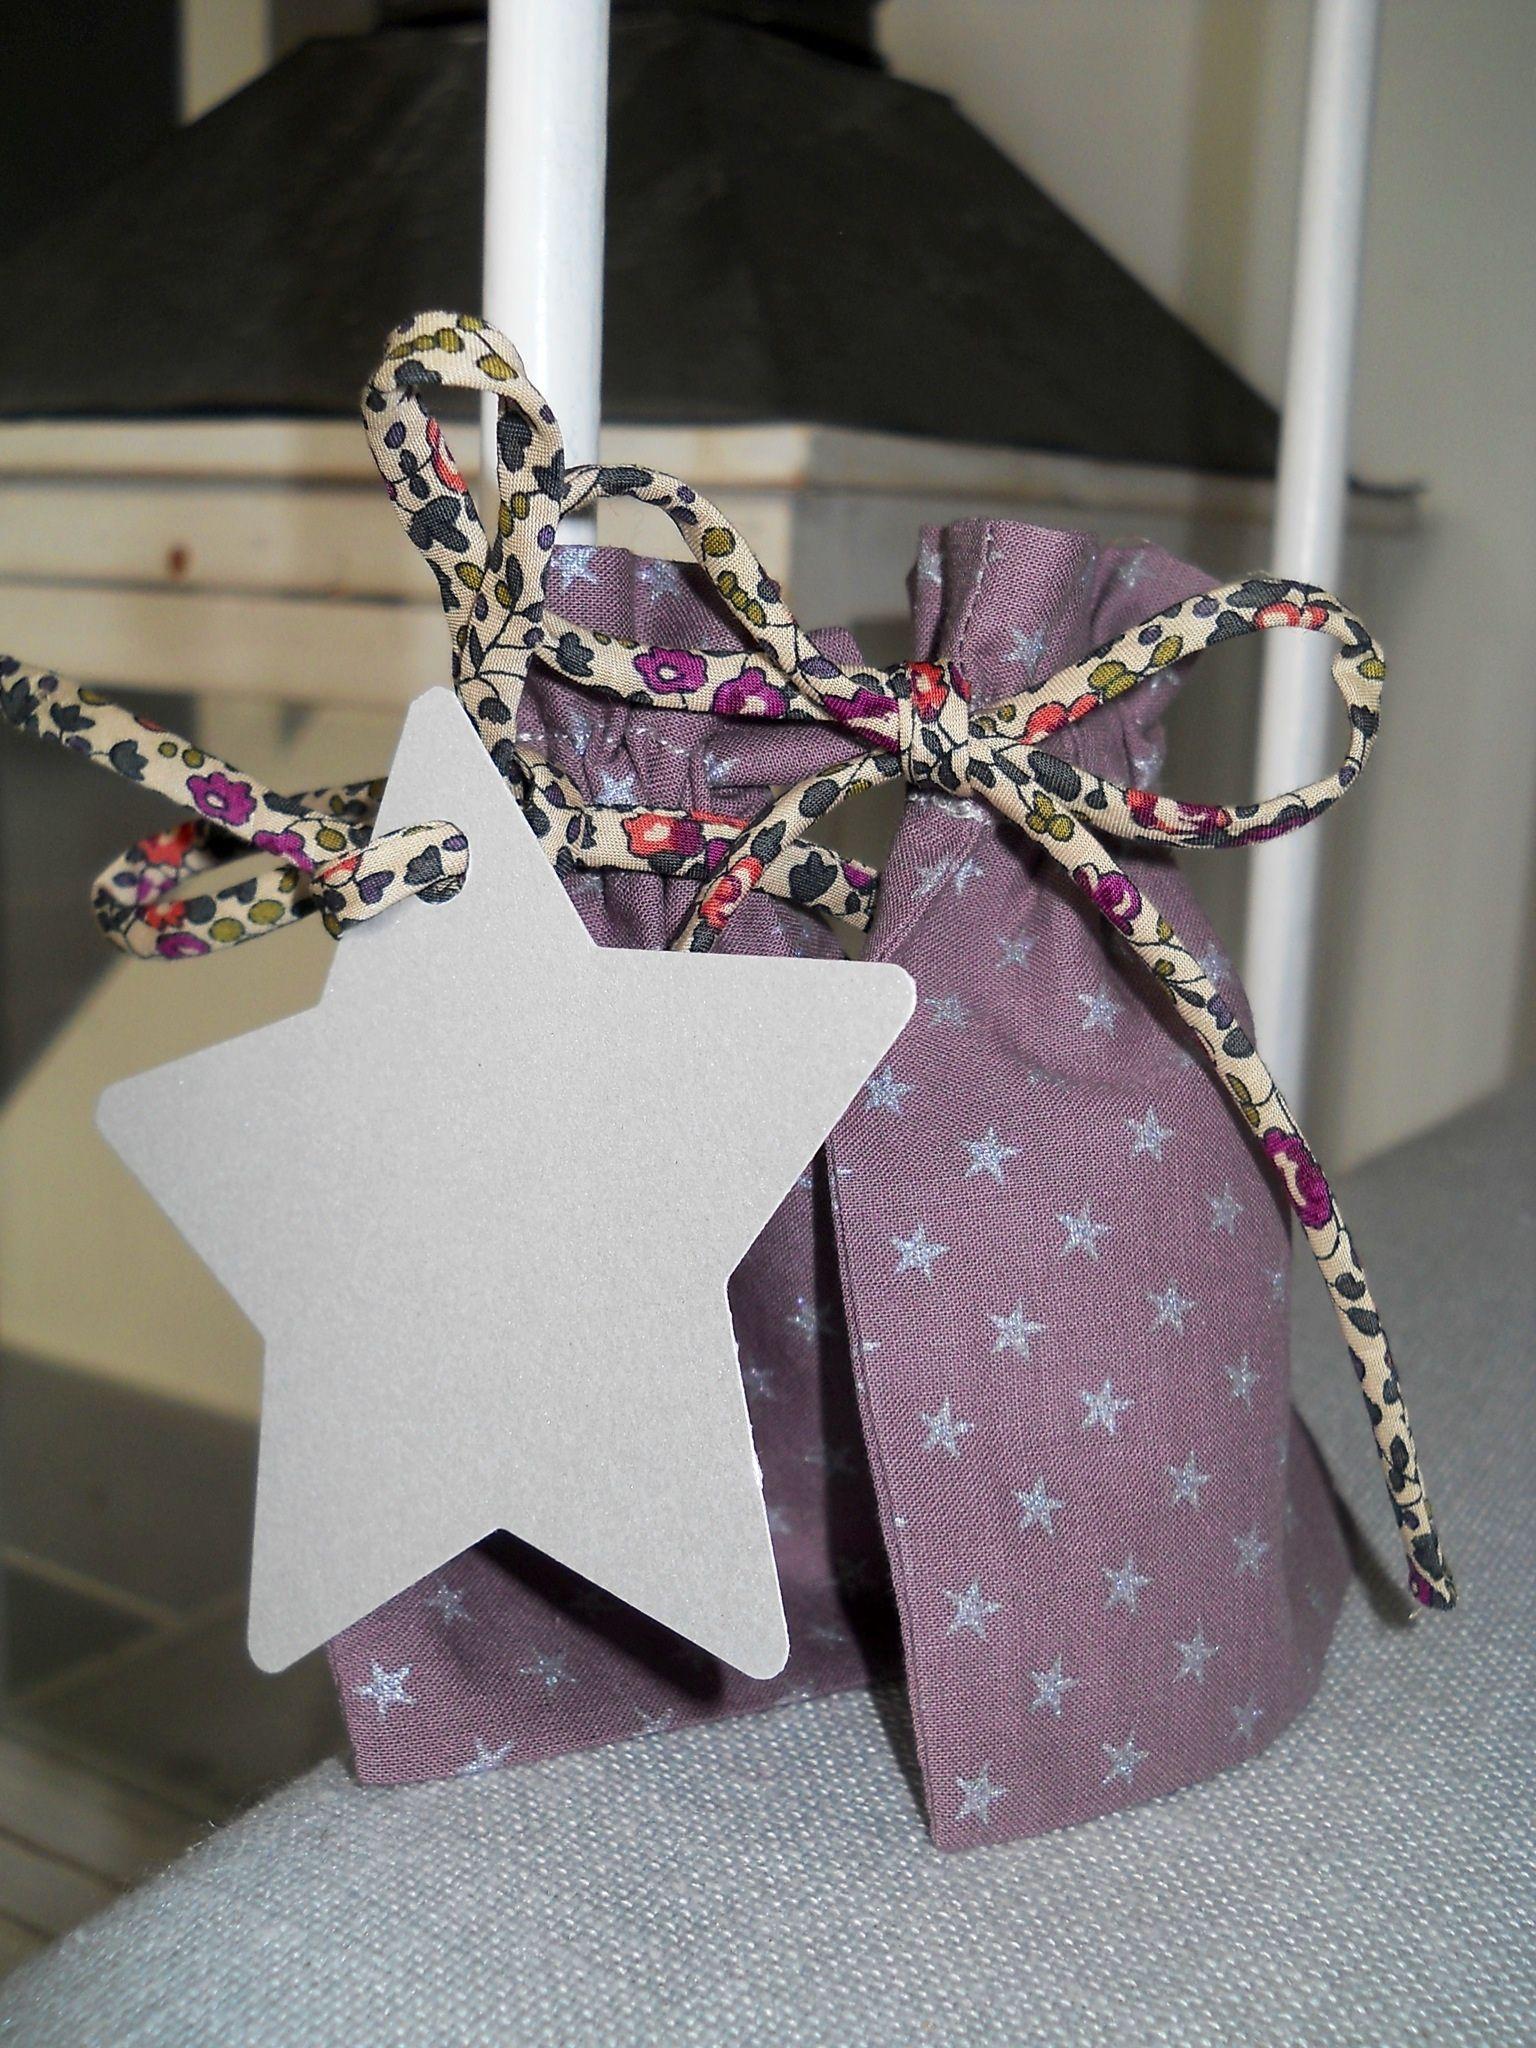 Pochon dragées figue étoiles argentées, cordon Liberty eloise prune, grande étoile argentée,